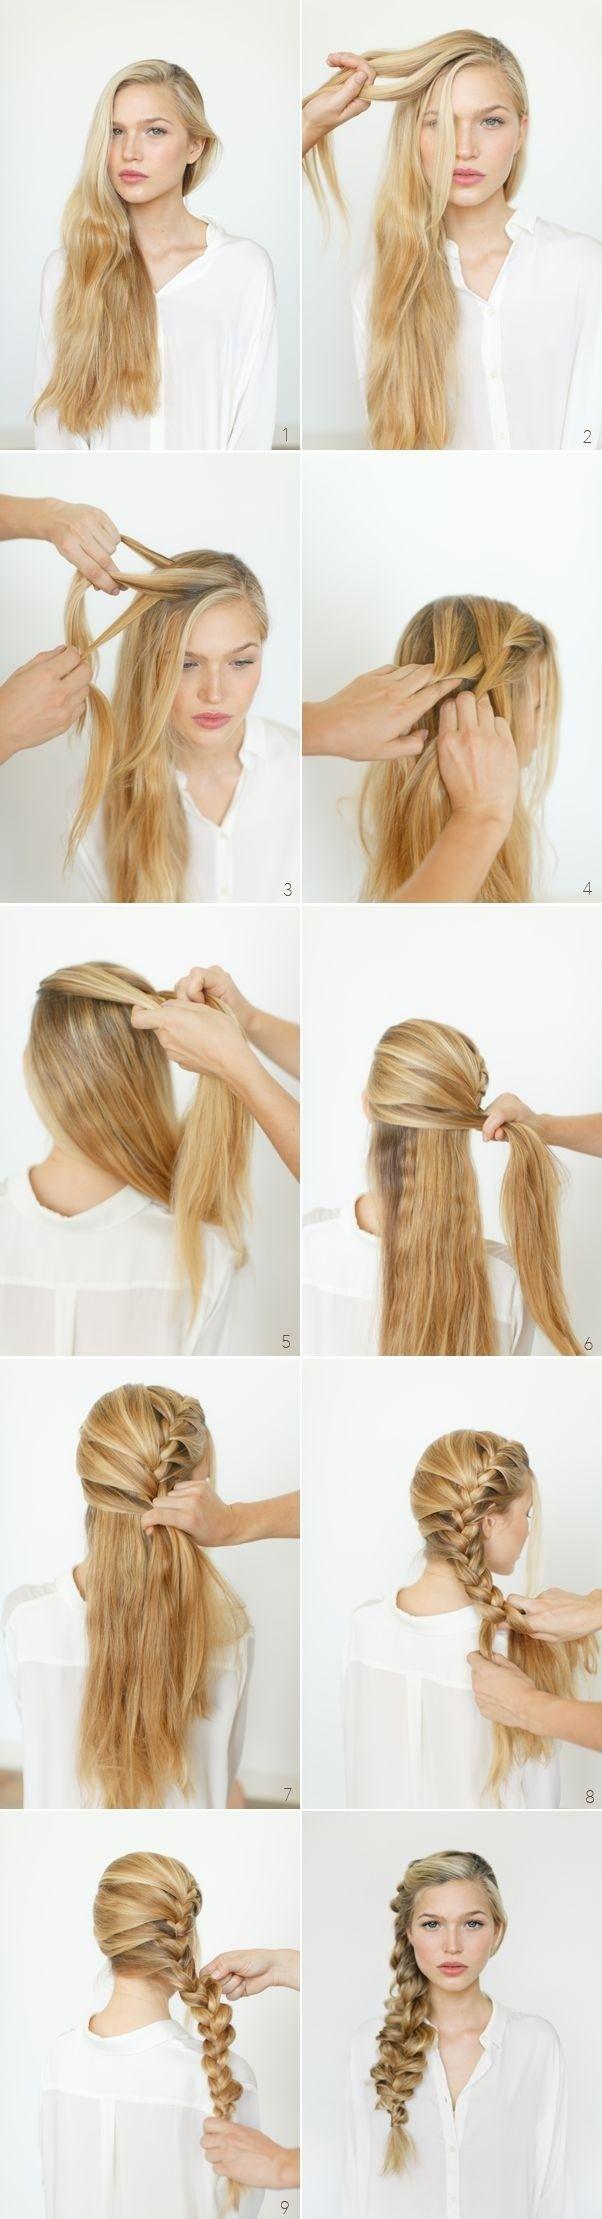 cute braided hairstyles for girls long hair ideas